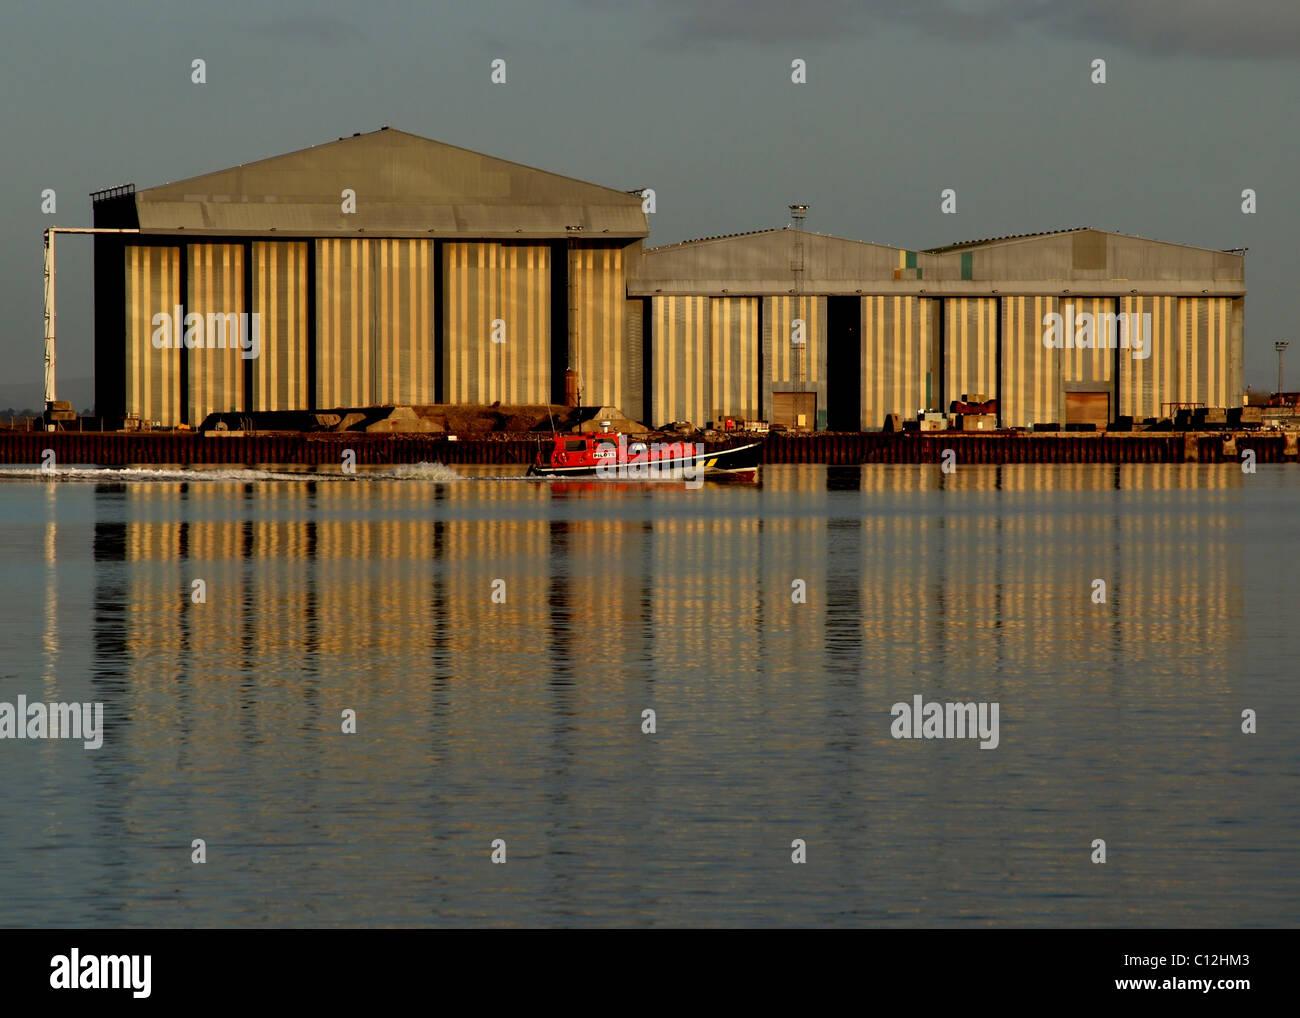 Um barco-piloto passa em frente da fabricação de metros, cujo Nigg galpões estão reflectidas Imagens de Stock